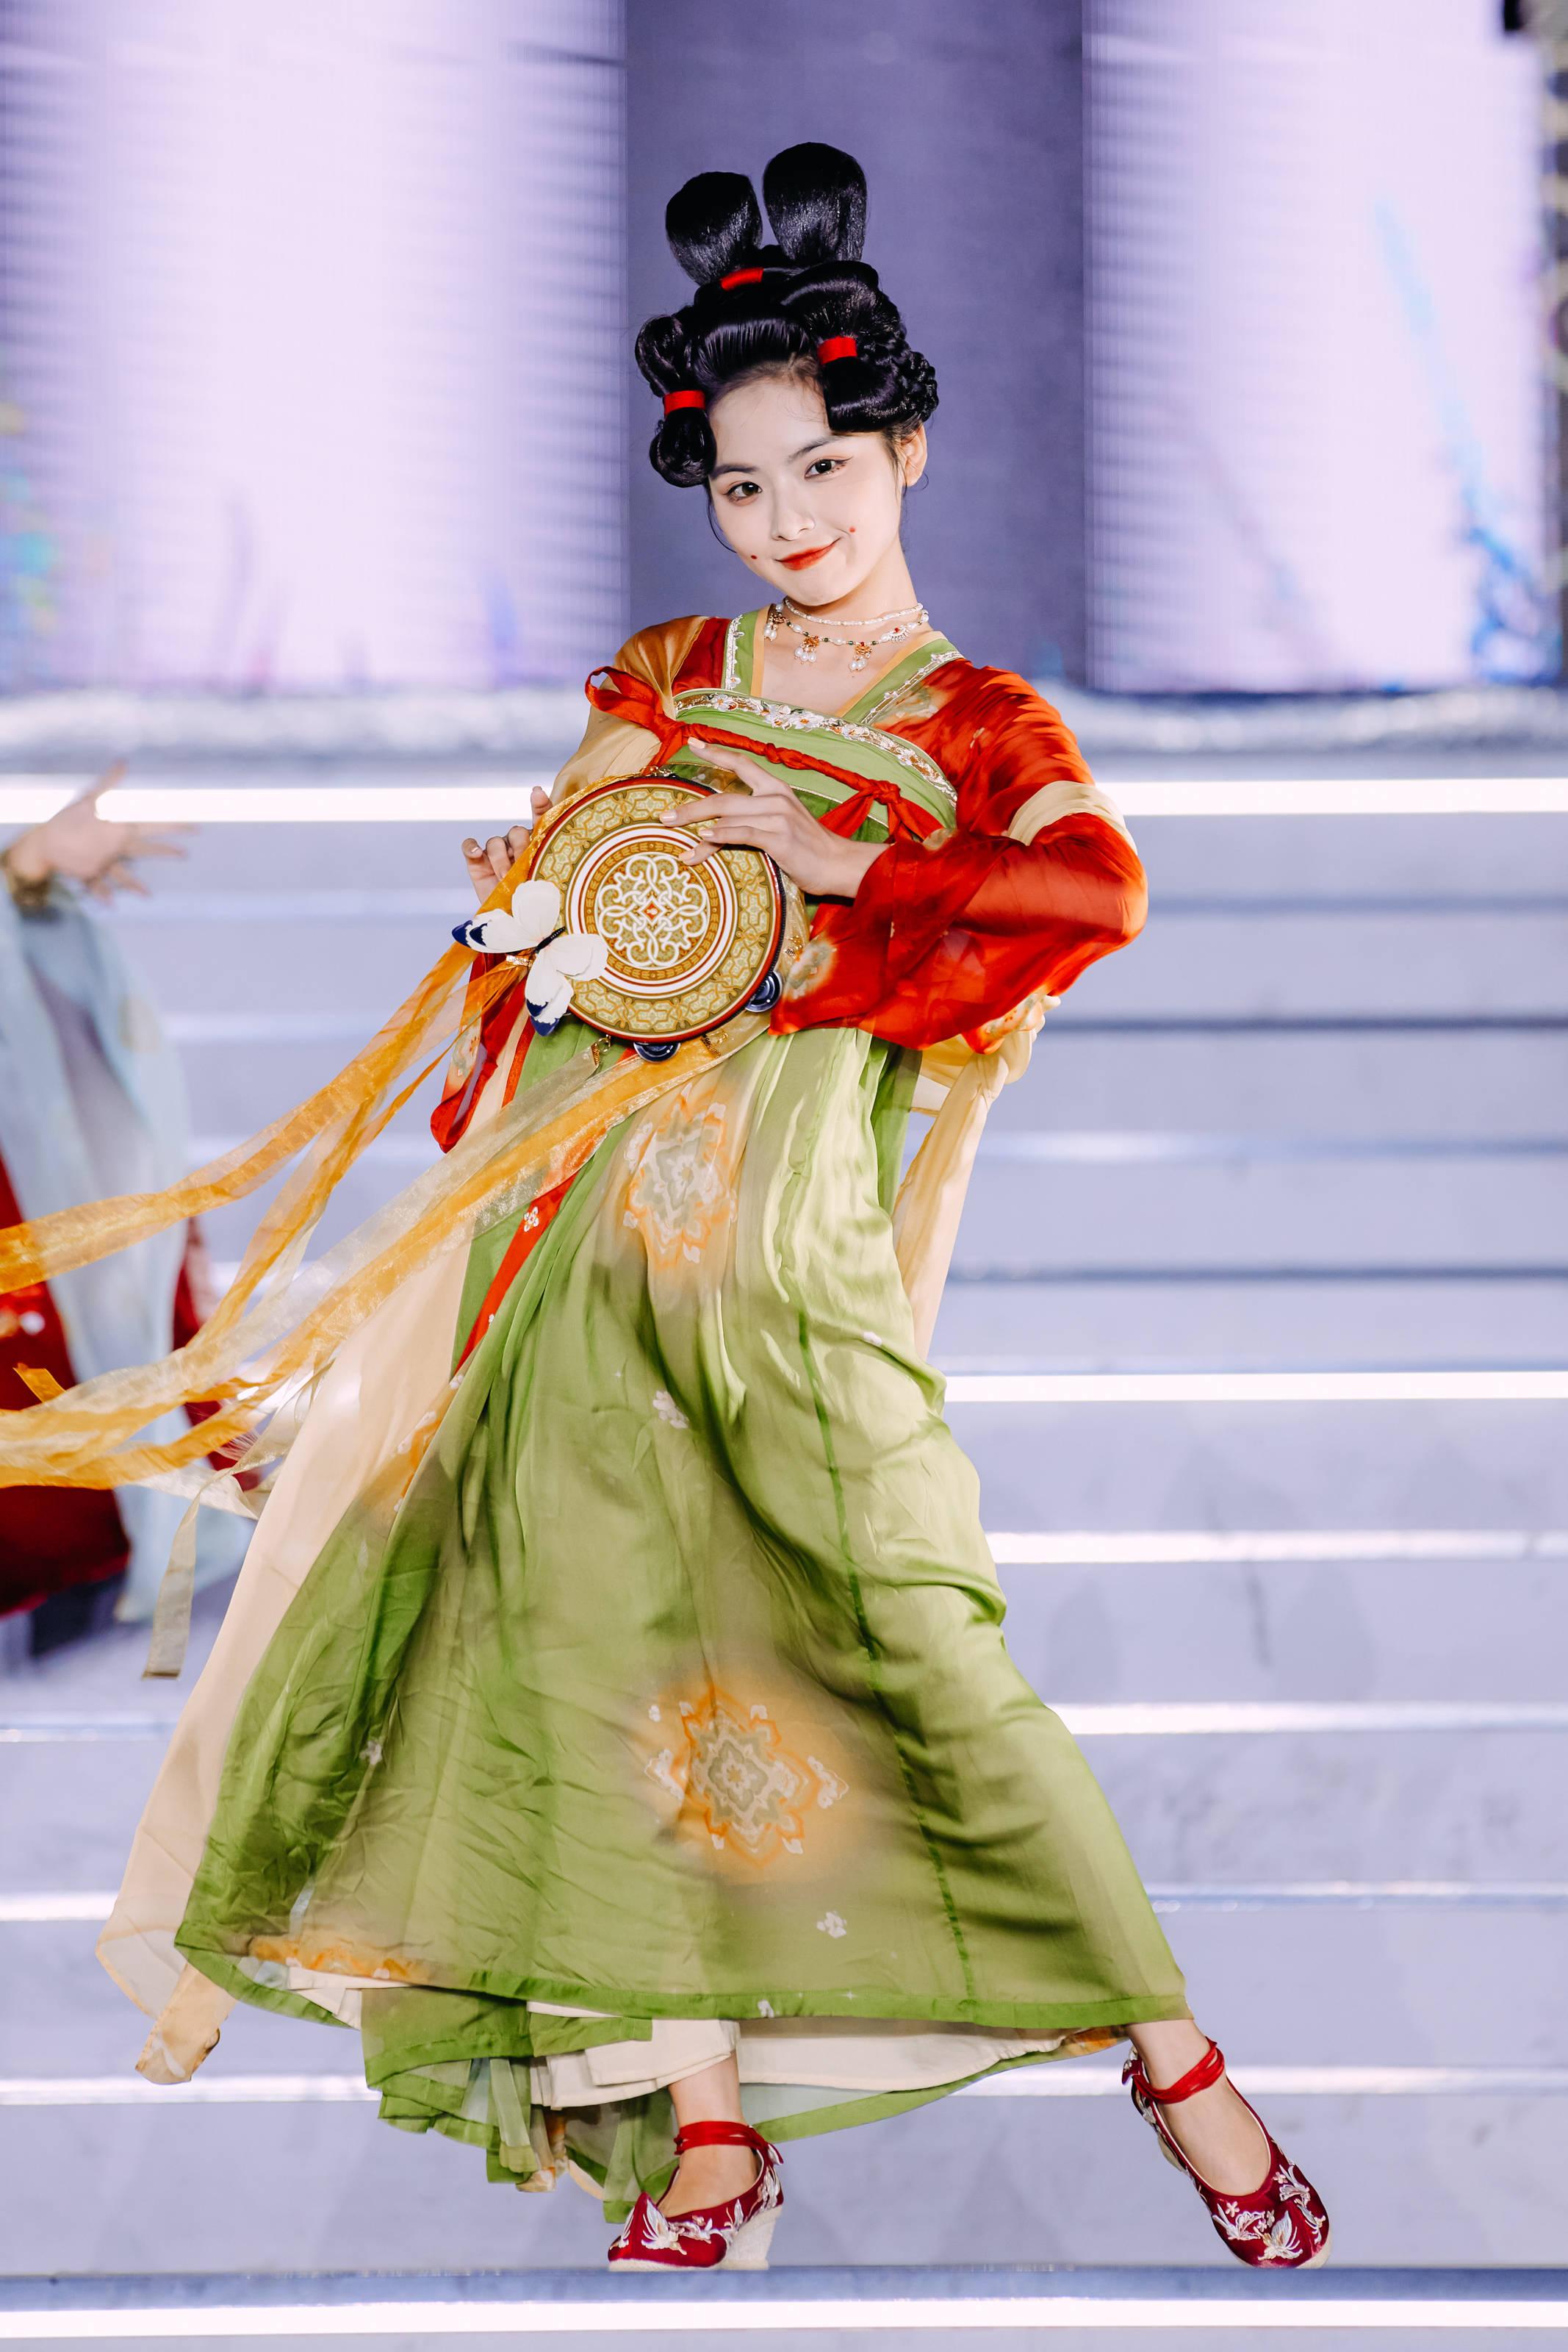 唐宫夜宴联名款汉服惊艳天猫国风大赏,博物馆成最受欢迎的汉服设计元素